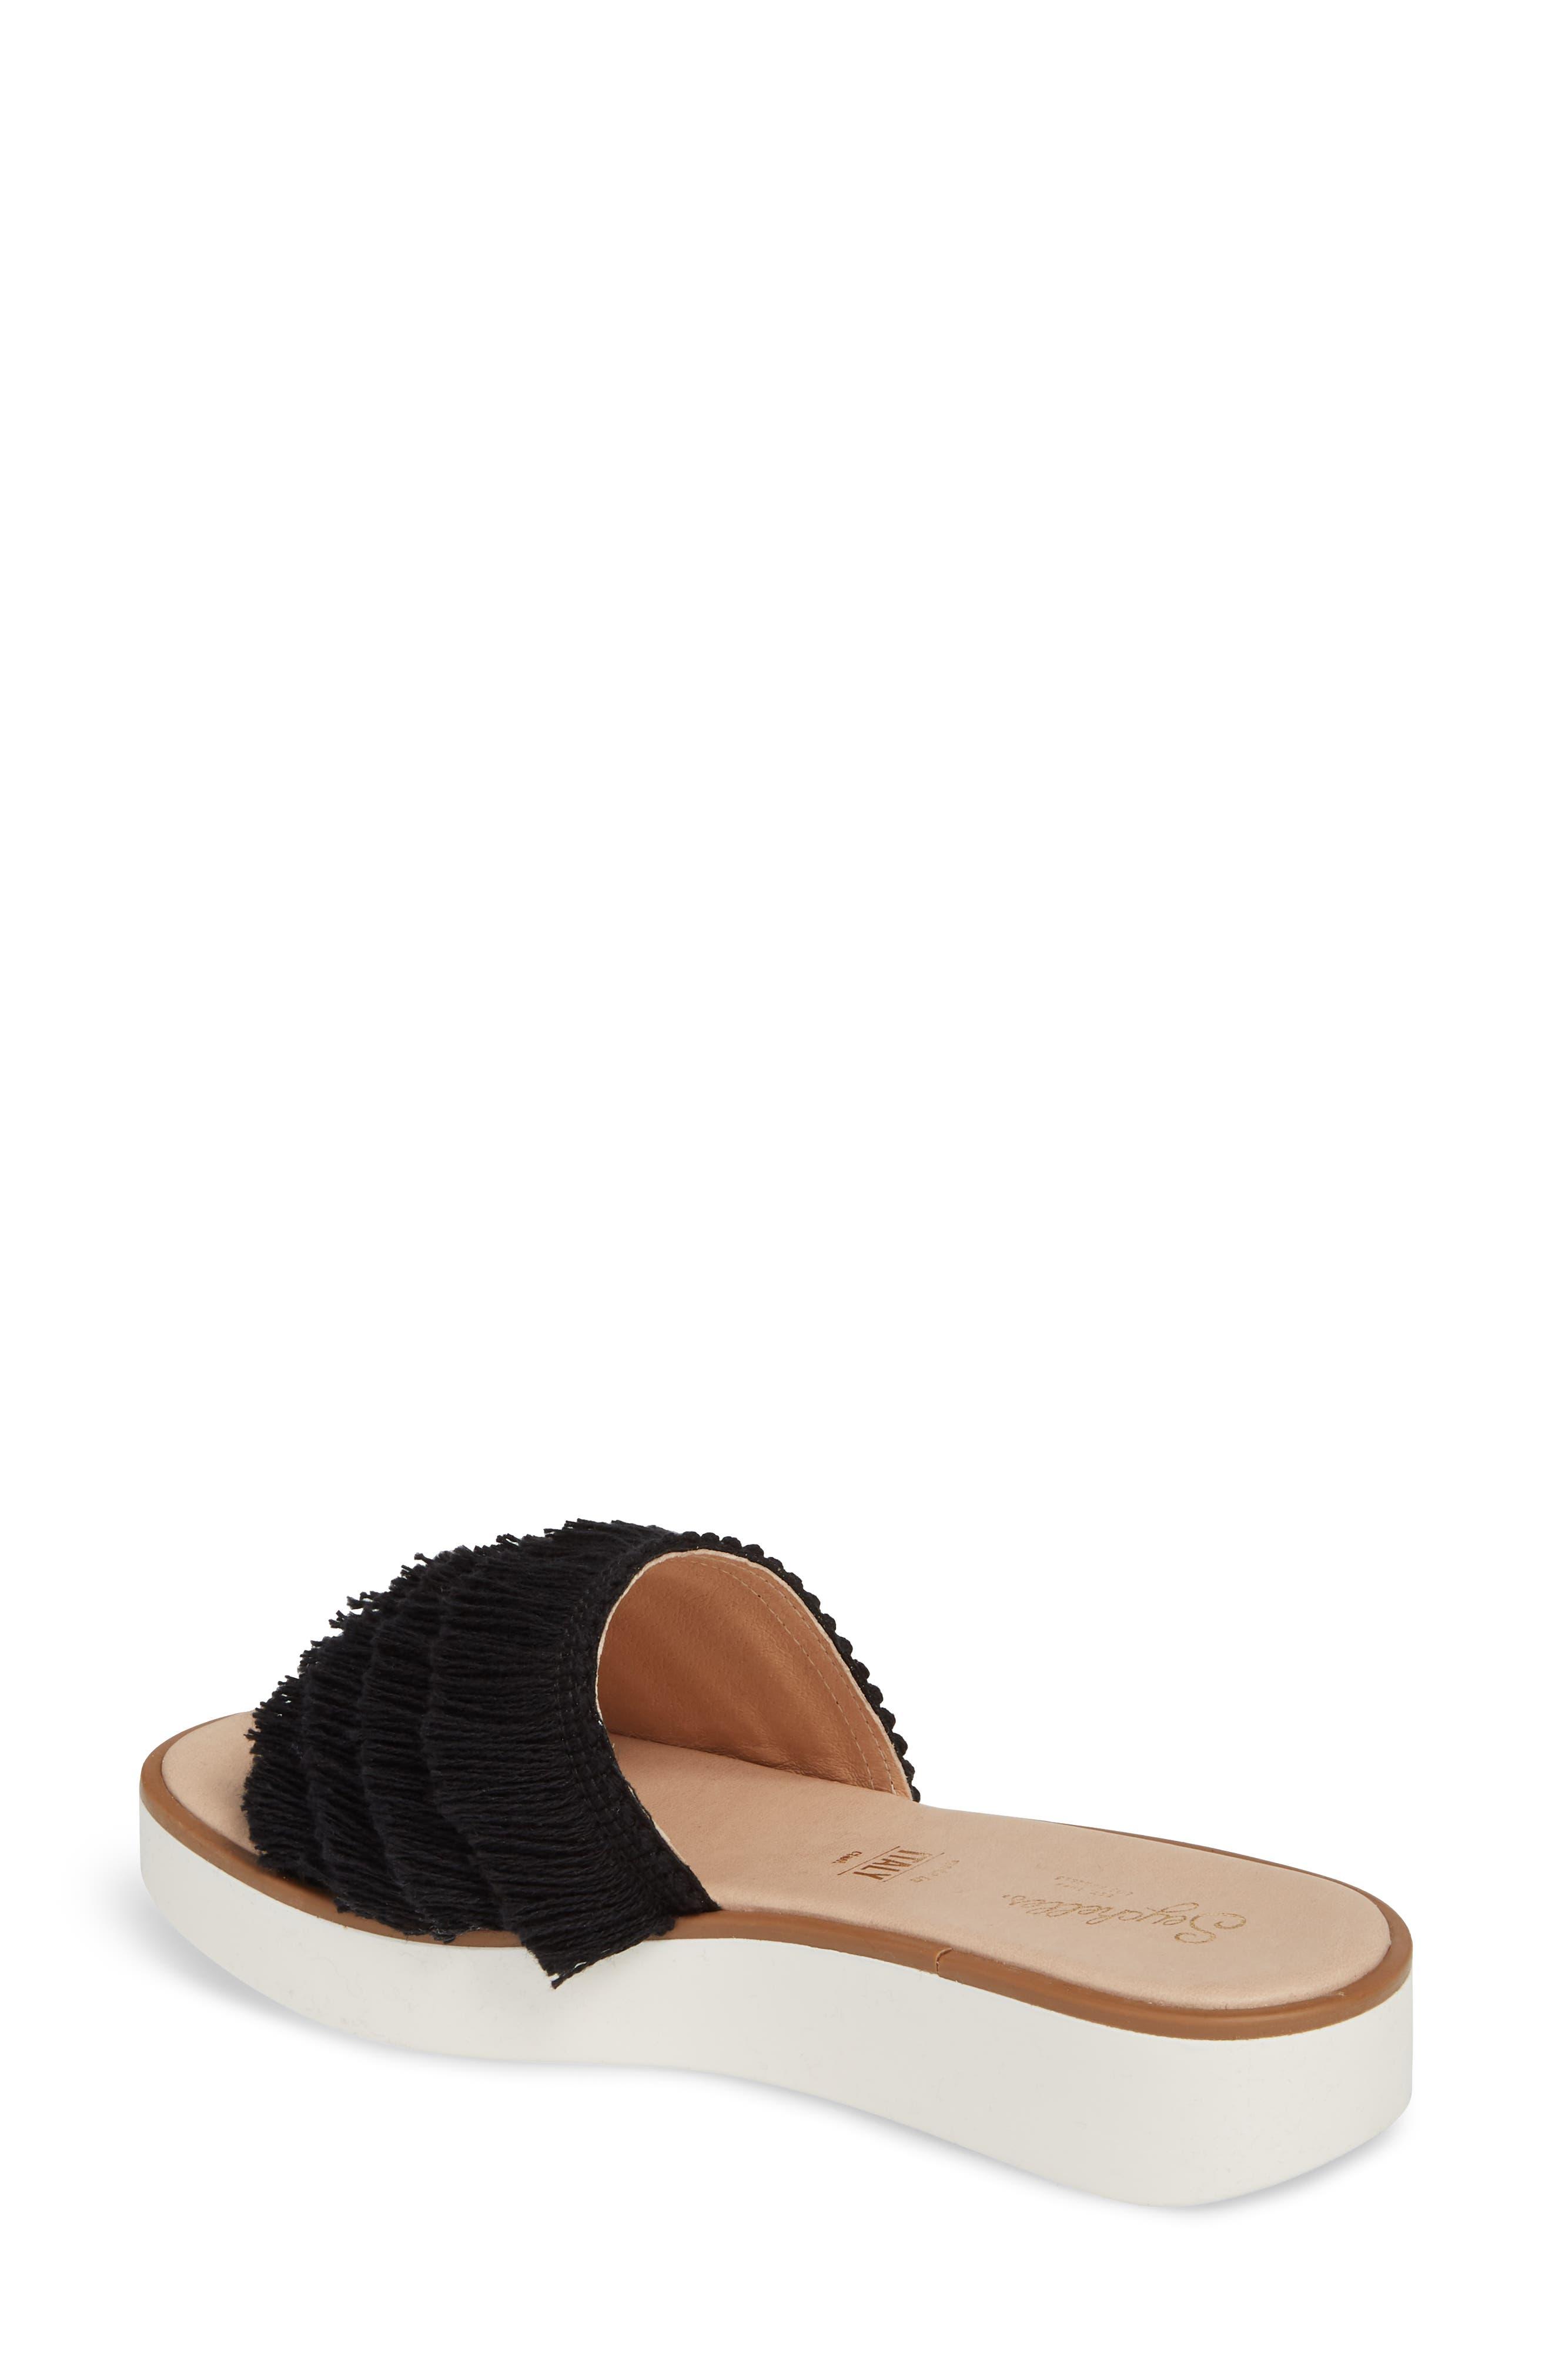 Well Rested Ruffle Slide Sandal,                             Alternate thumbnail 2, color,                             001